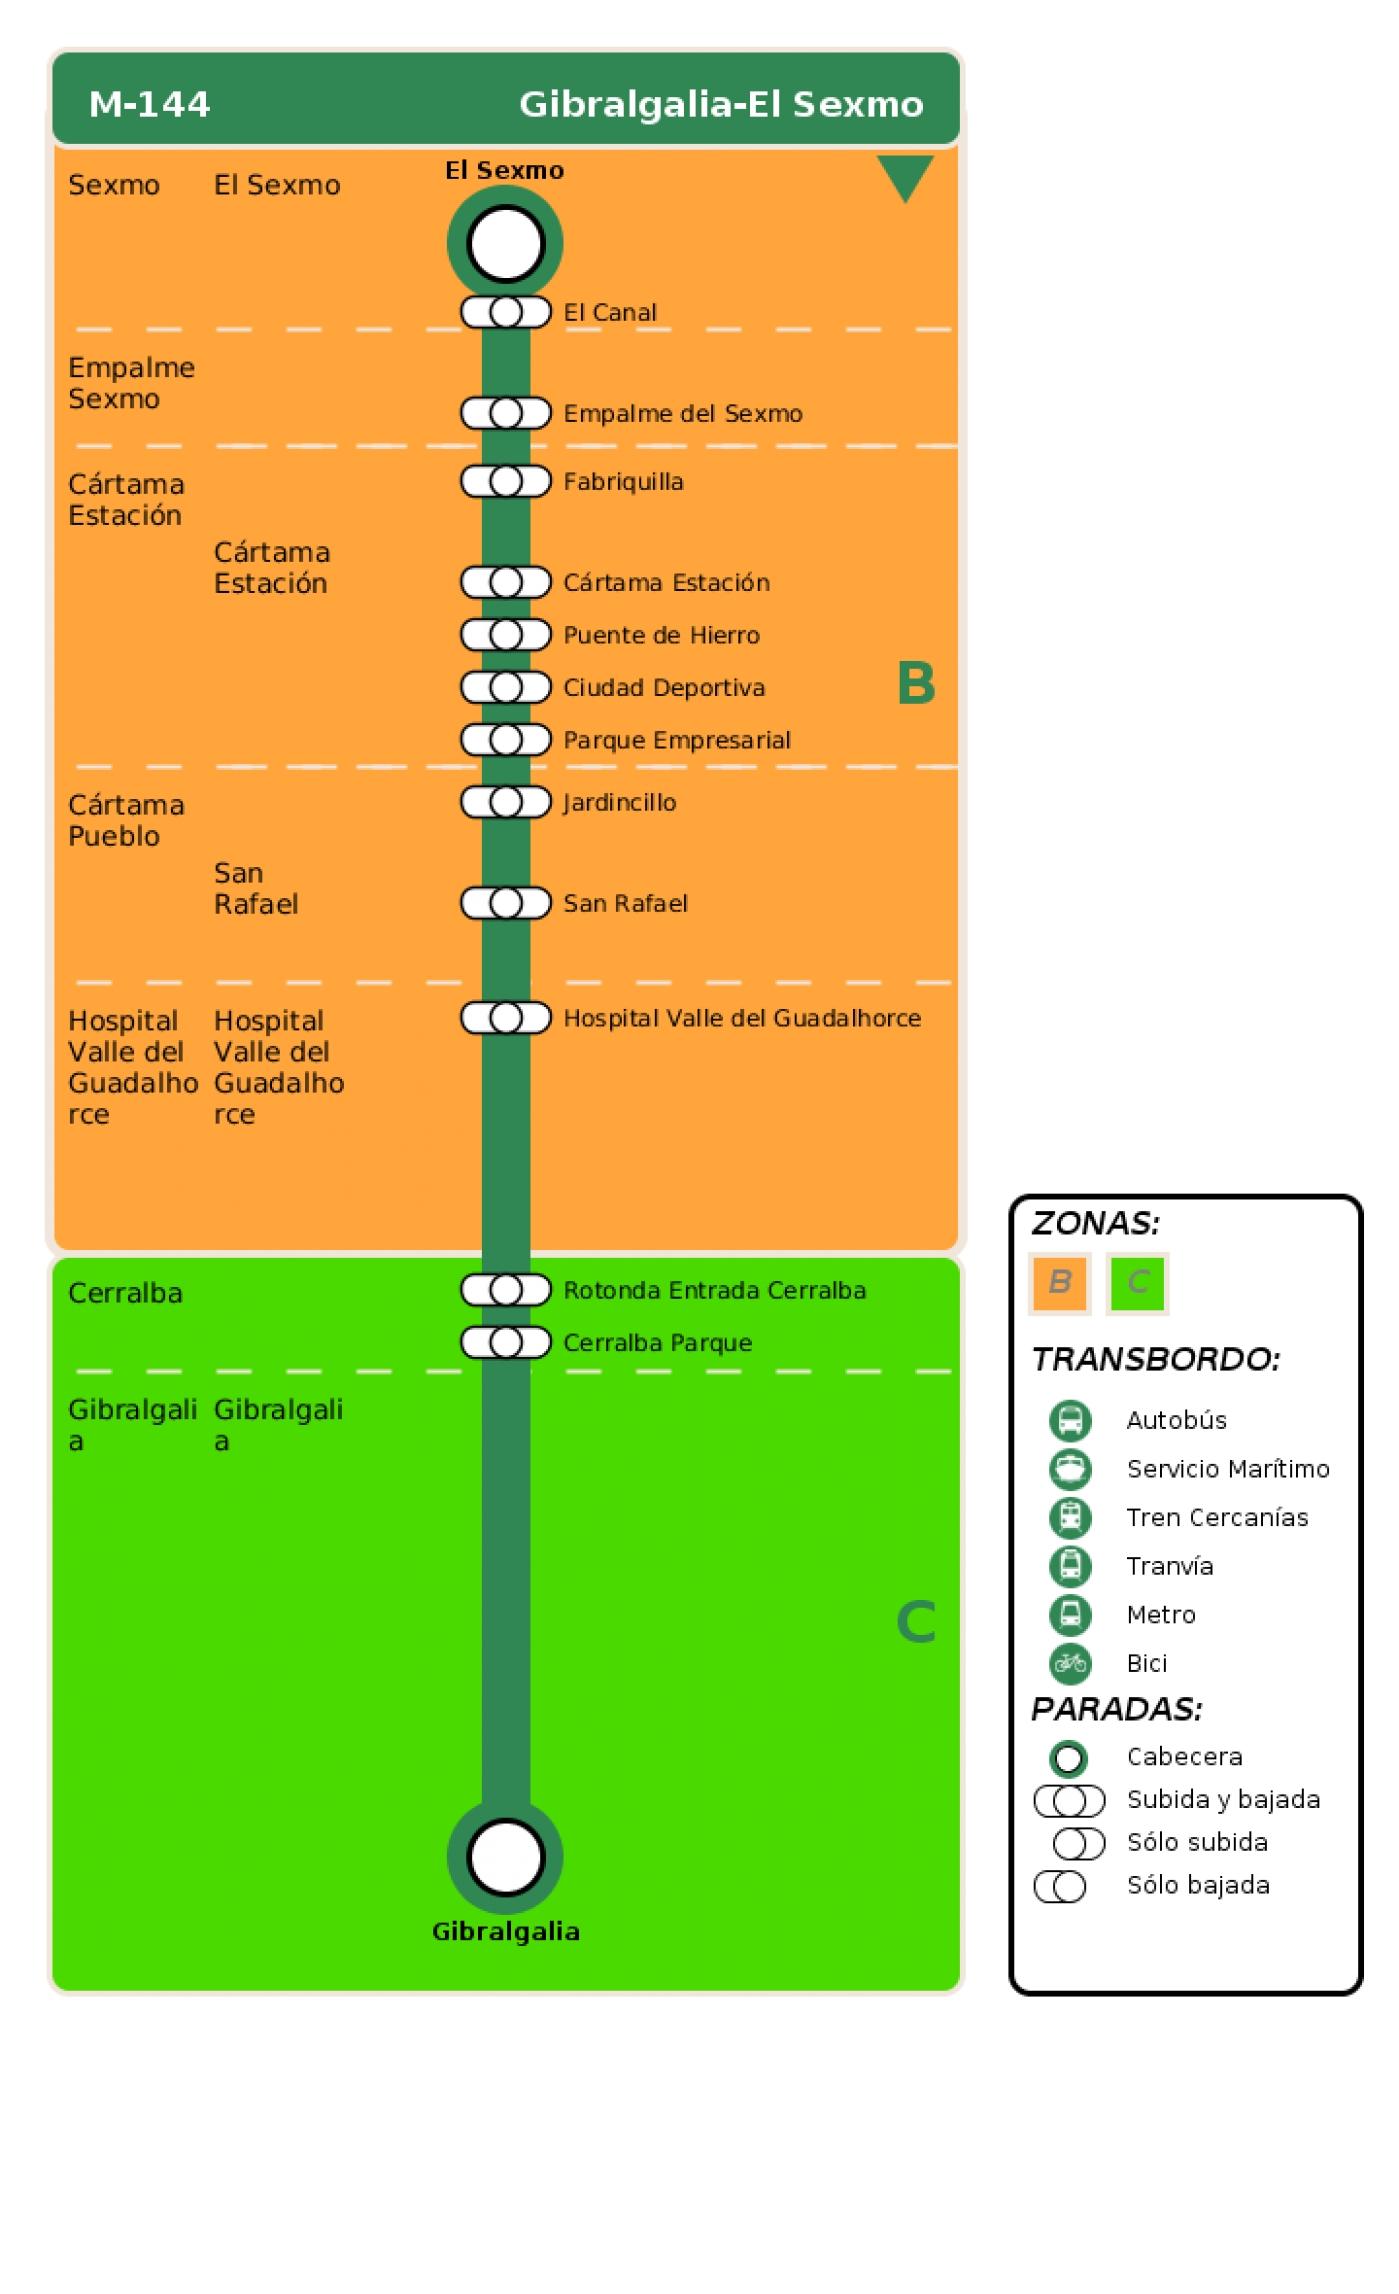 Recorrido esquemático, paradas y correspondencias en sentido vuelta Línea M-144: Gibralgalia - El Sexmo